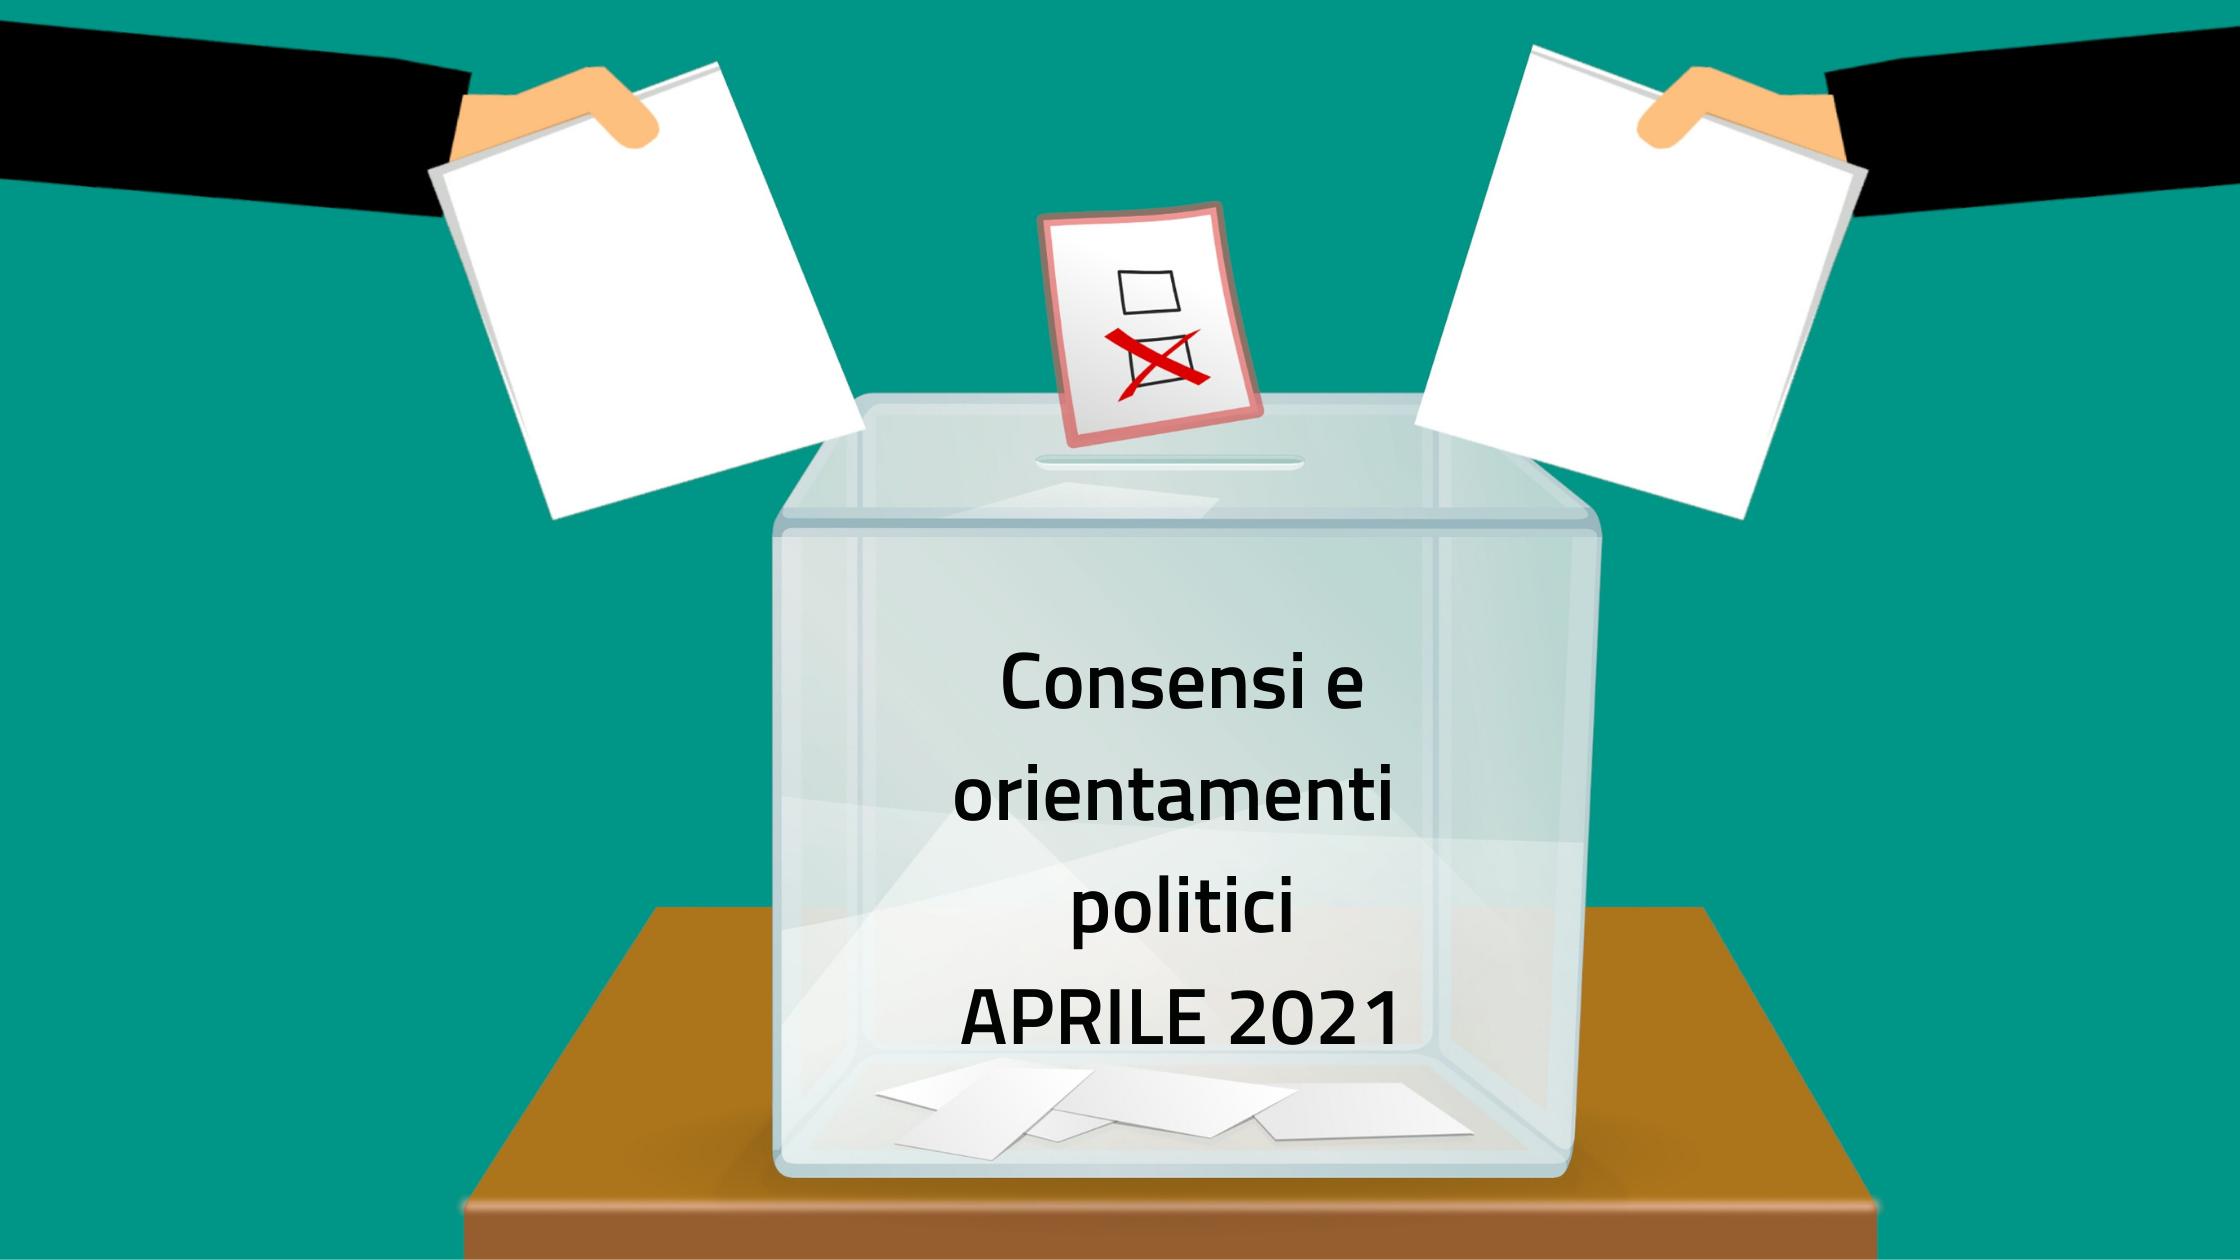 Consensi e orientamenti politici LUGLIO 2020.png